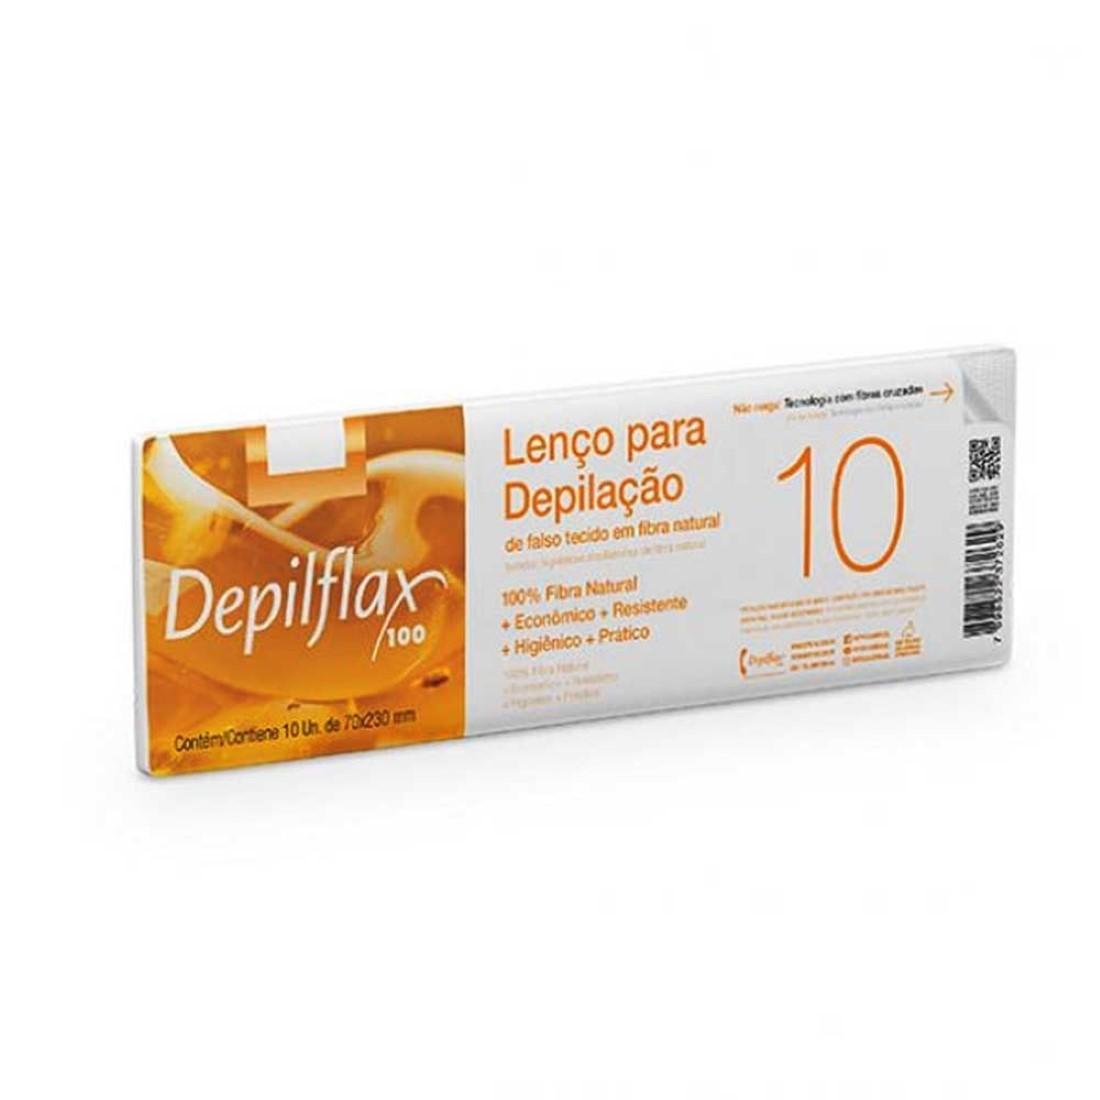 10 Lenços Para Depilação em Fibra Natural - Depilflax